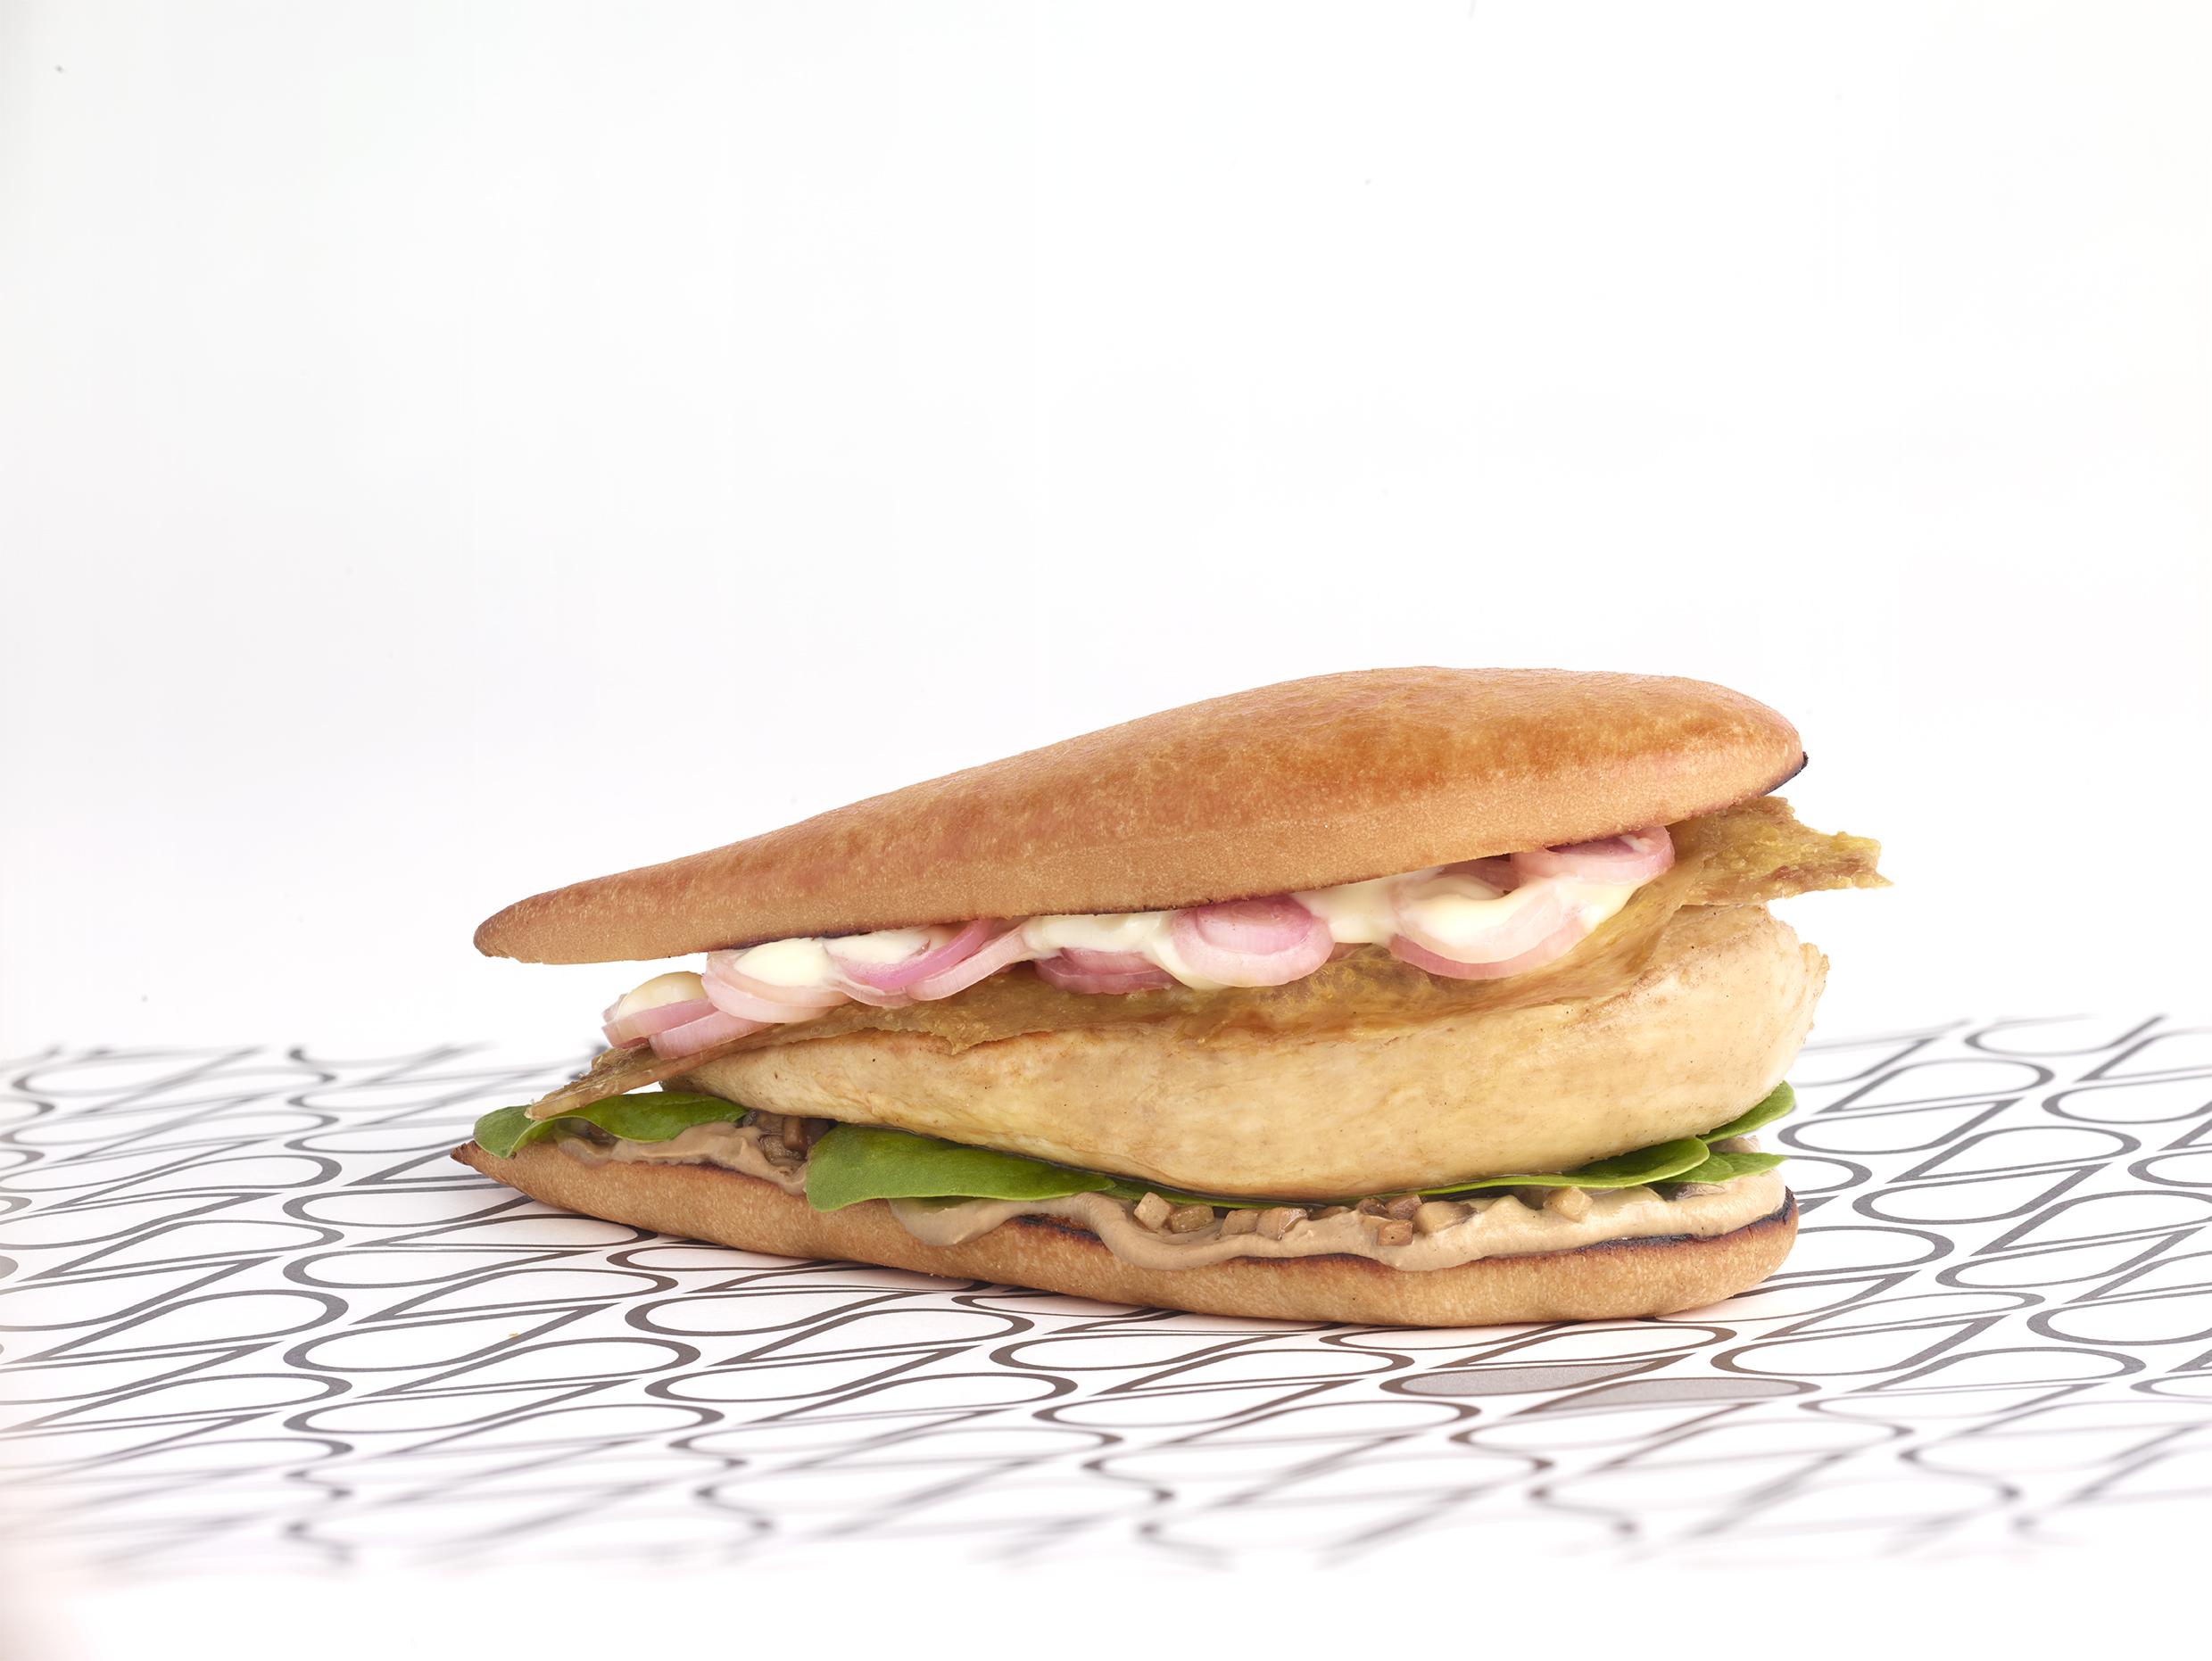 Schmaltz sandwich